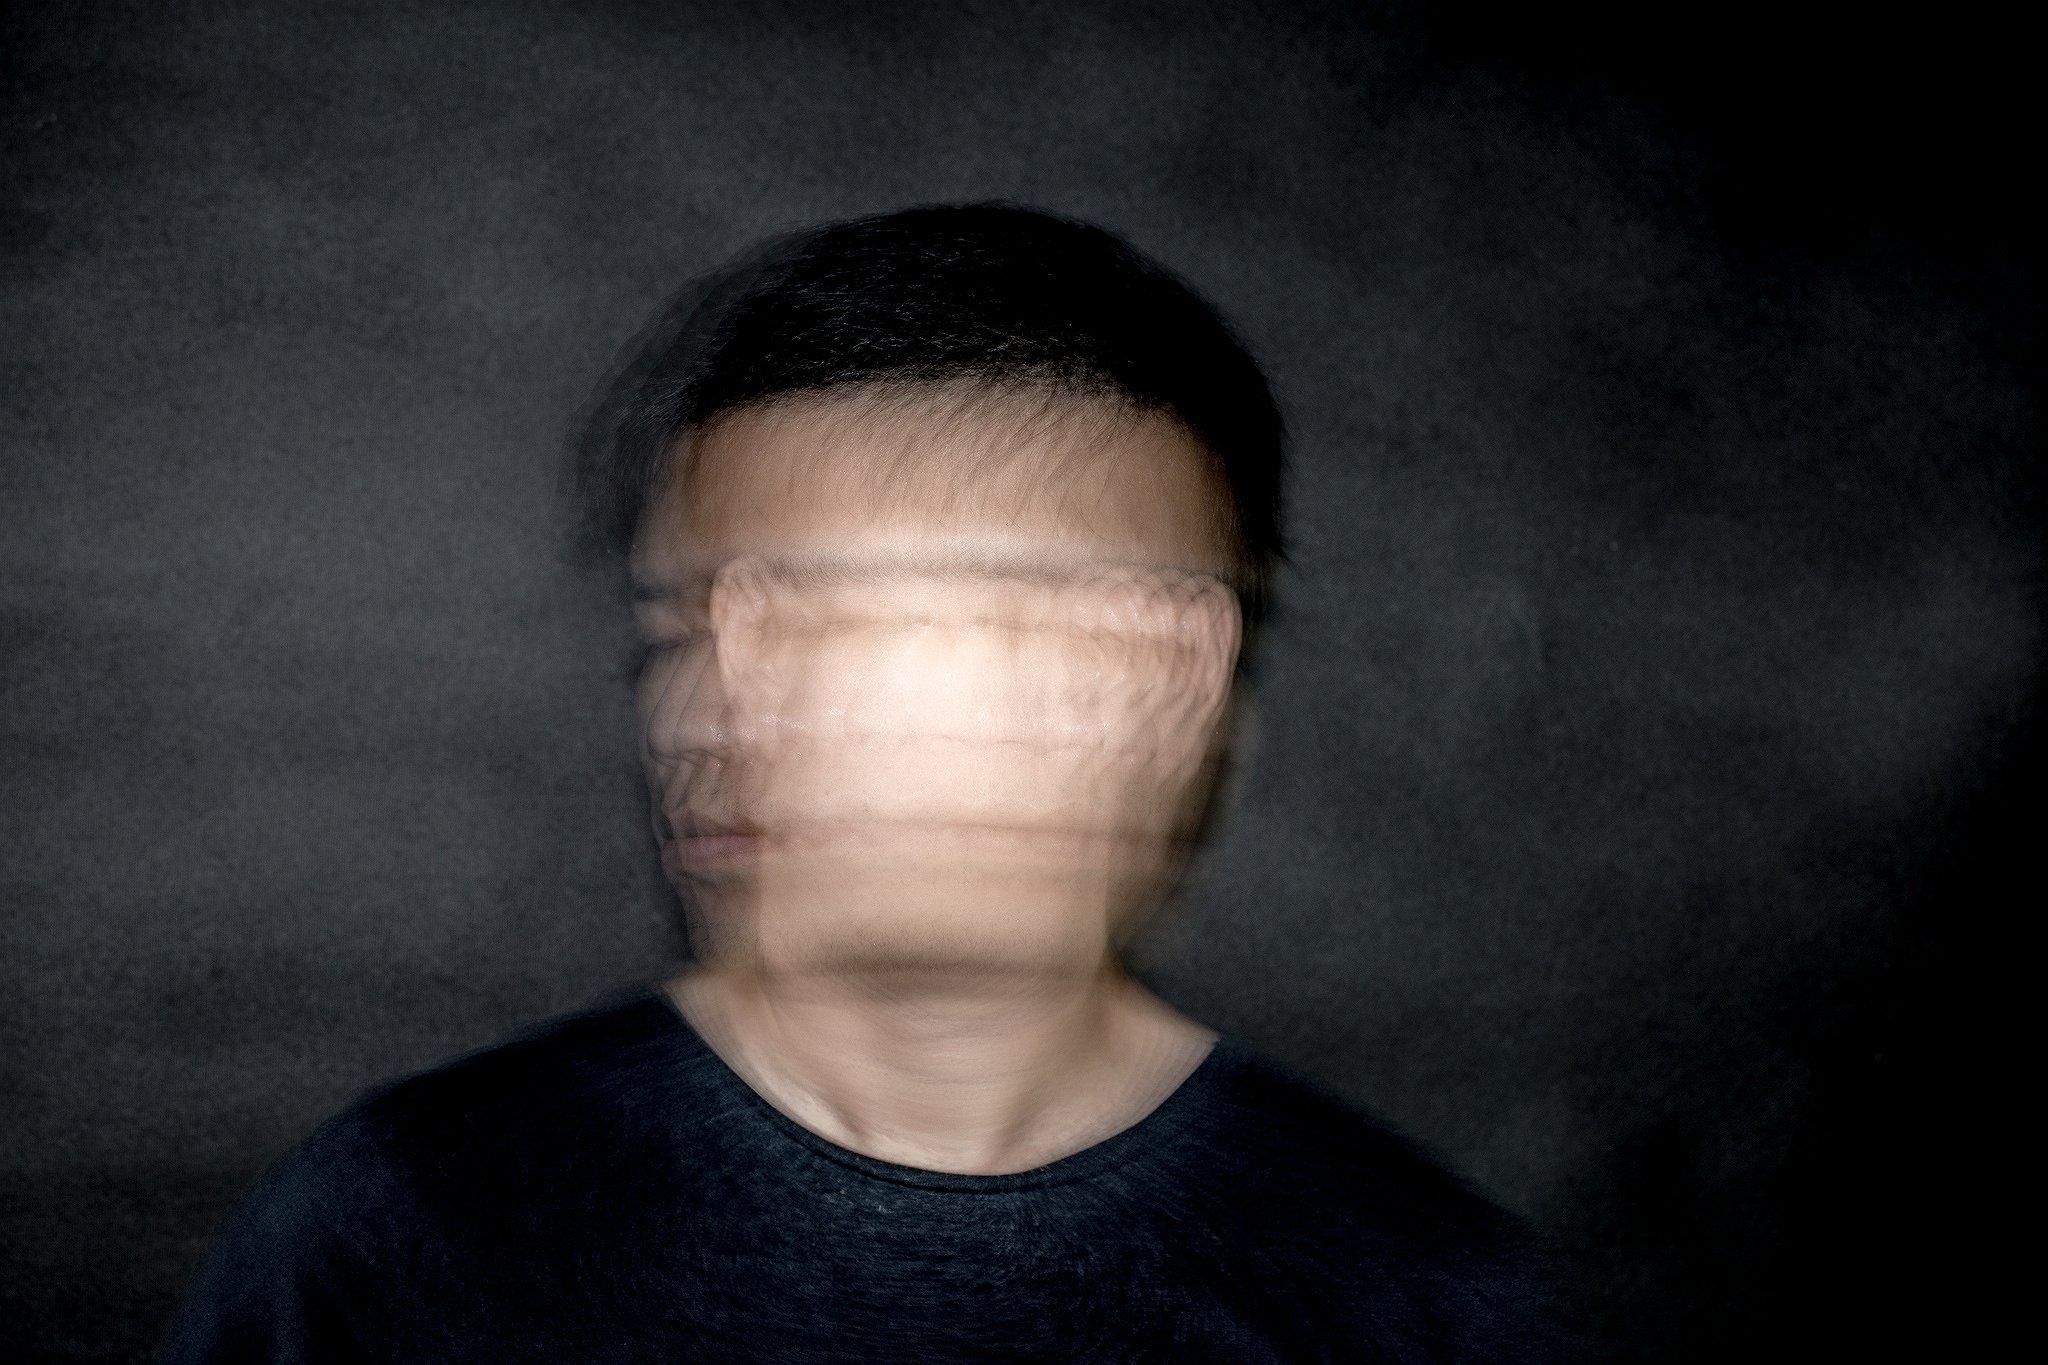 Elektrocutie en marteling: China voert nog altijd conversietherapie uit